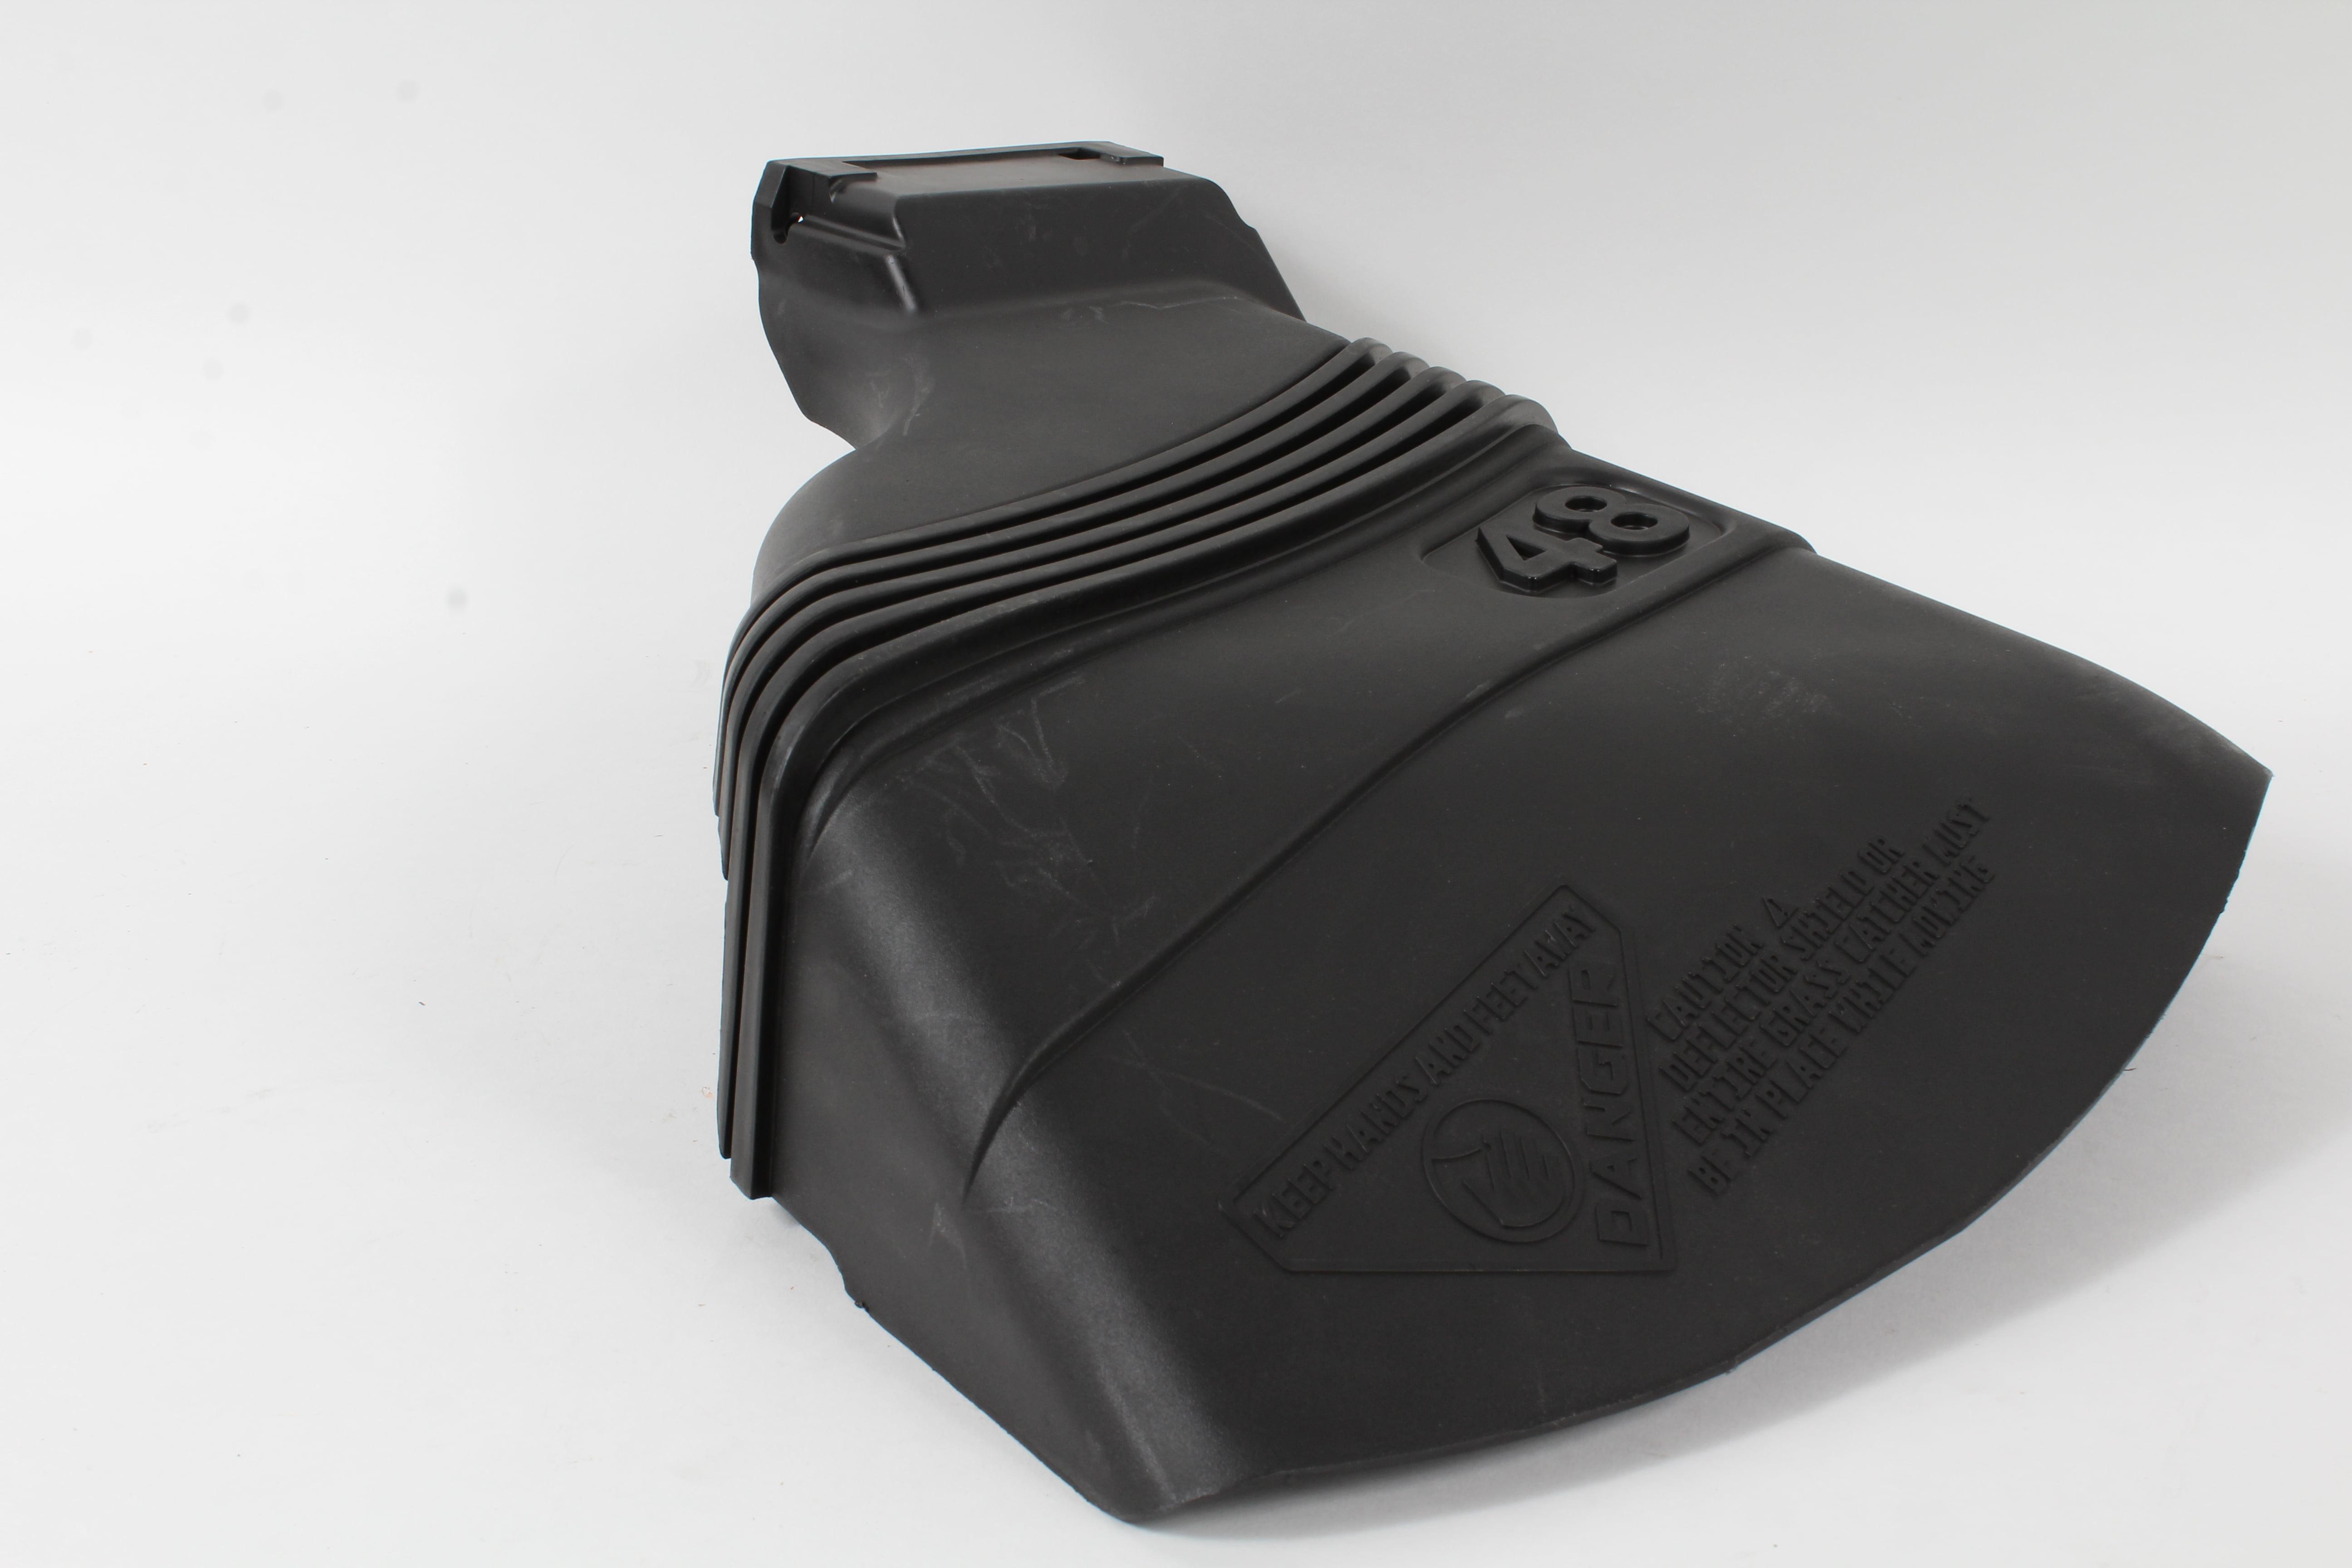 OEM Husqvarna 532180655 Chute Deflector For EZ4824 Z4822 Z4824 Z4218 Z4219 Z5426